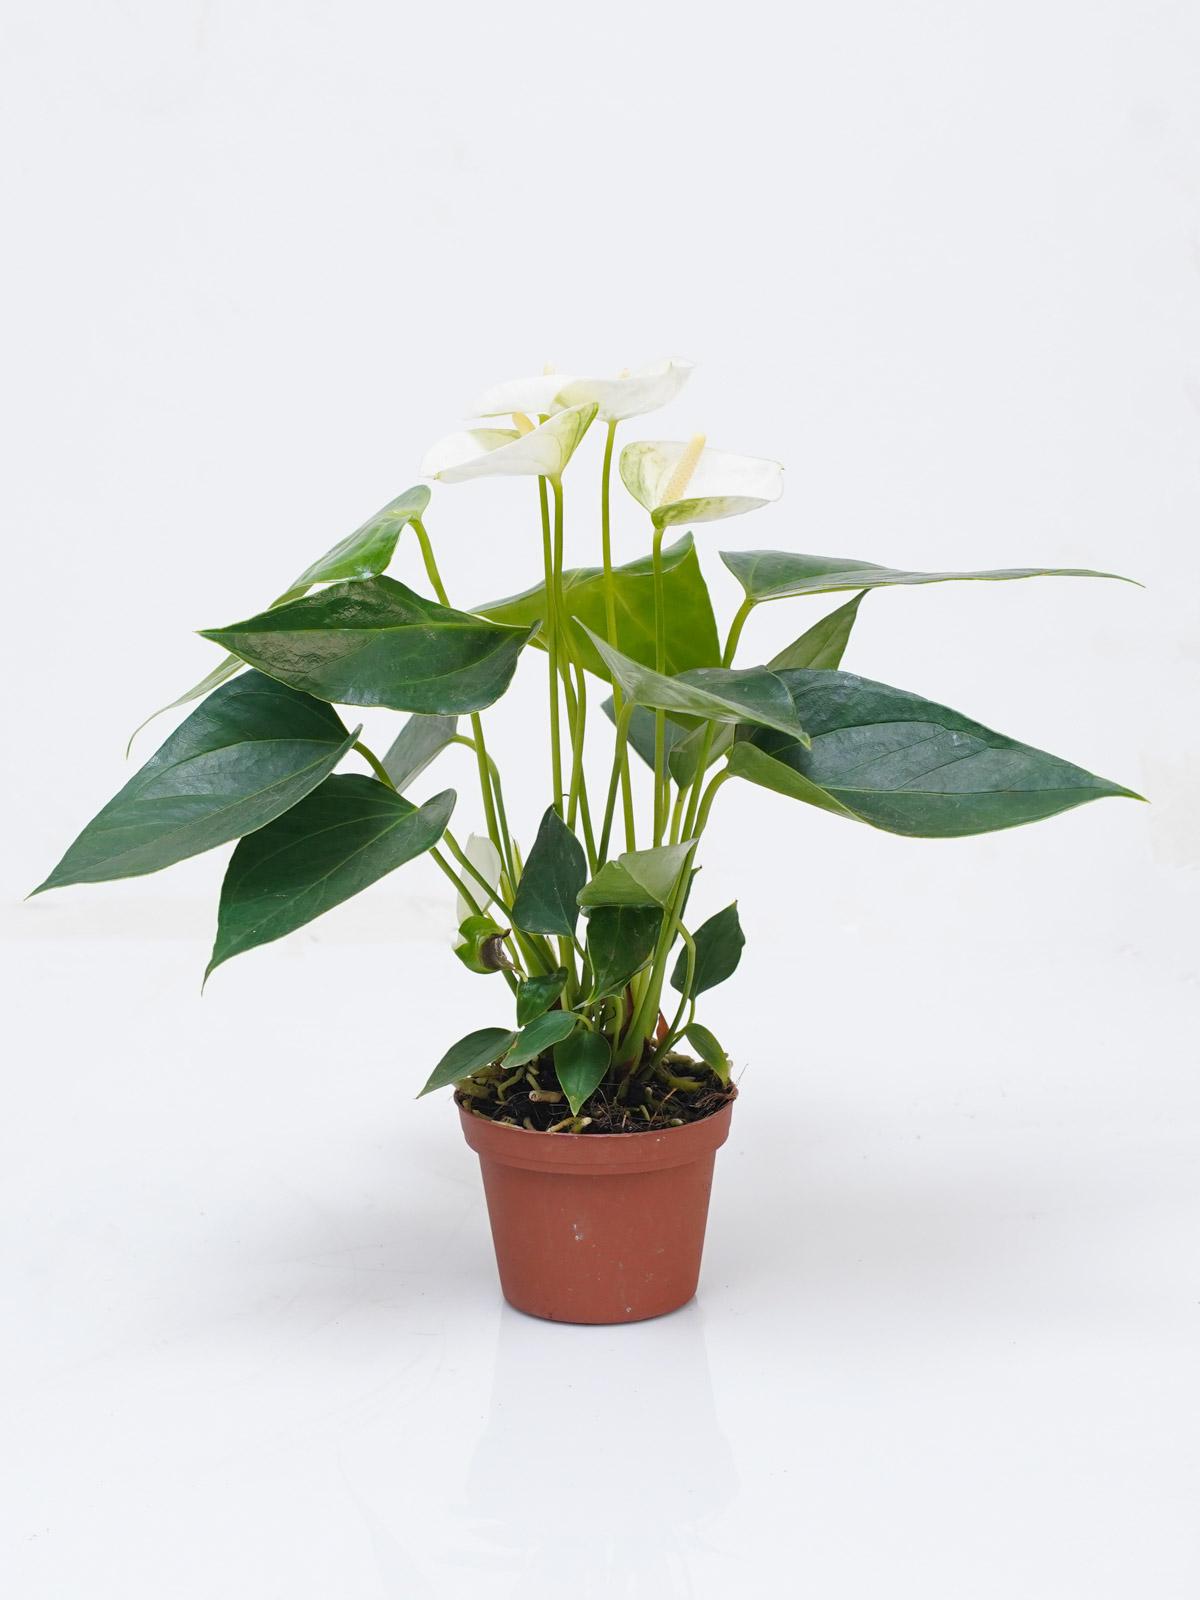 أنثوريوم - أبيض 'نباتات داخلية'